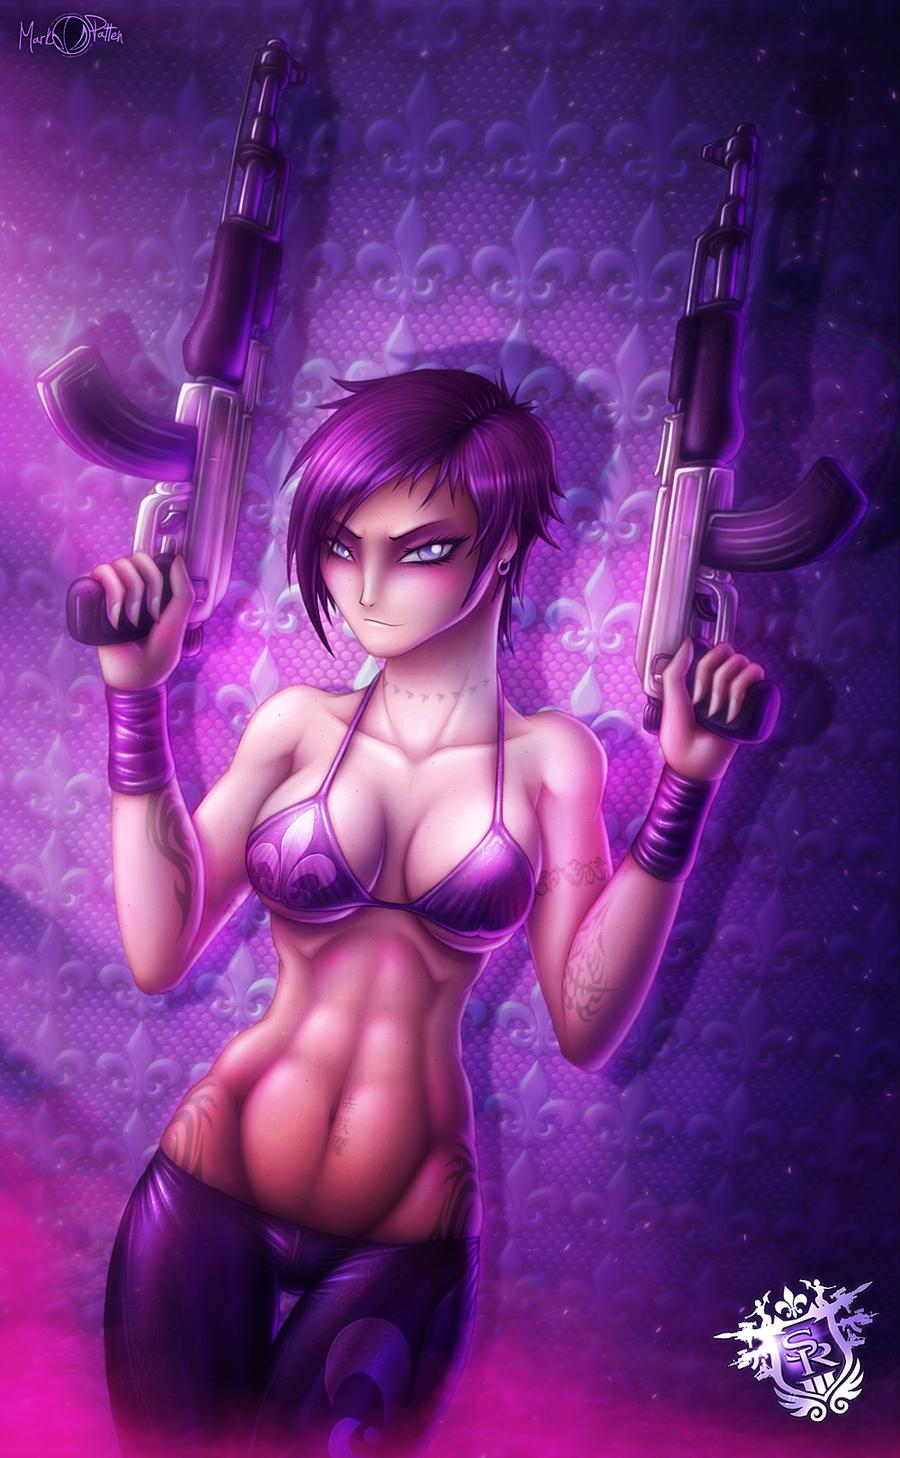 Персонажи игр в порно87